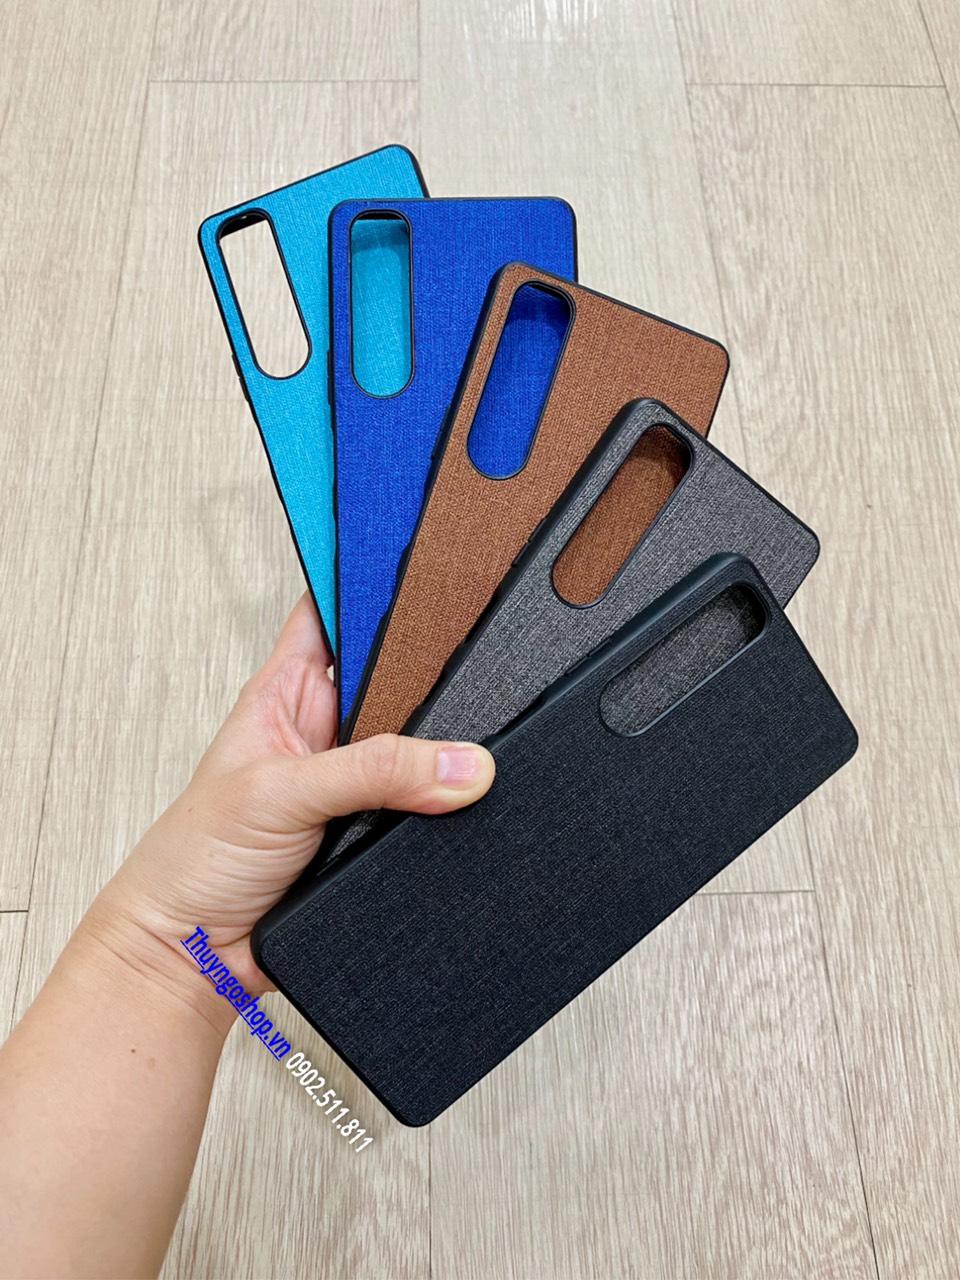 Ốp lưng vải viền nhựa dẻo Sony Xperia 1 III